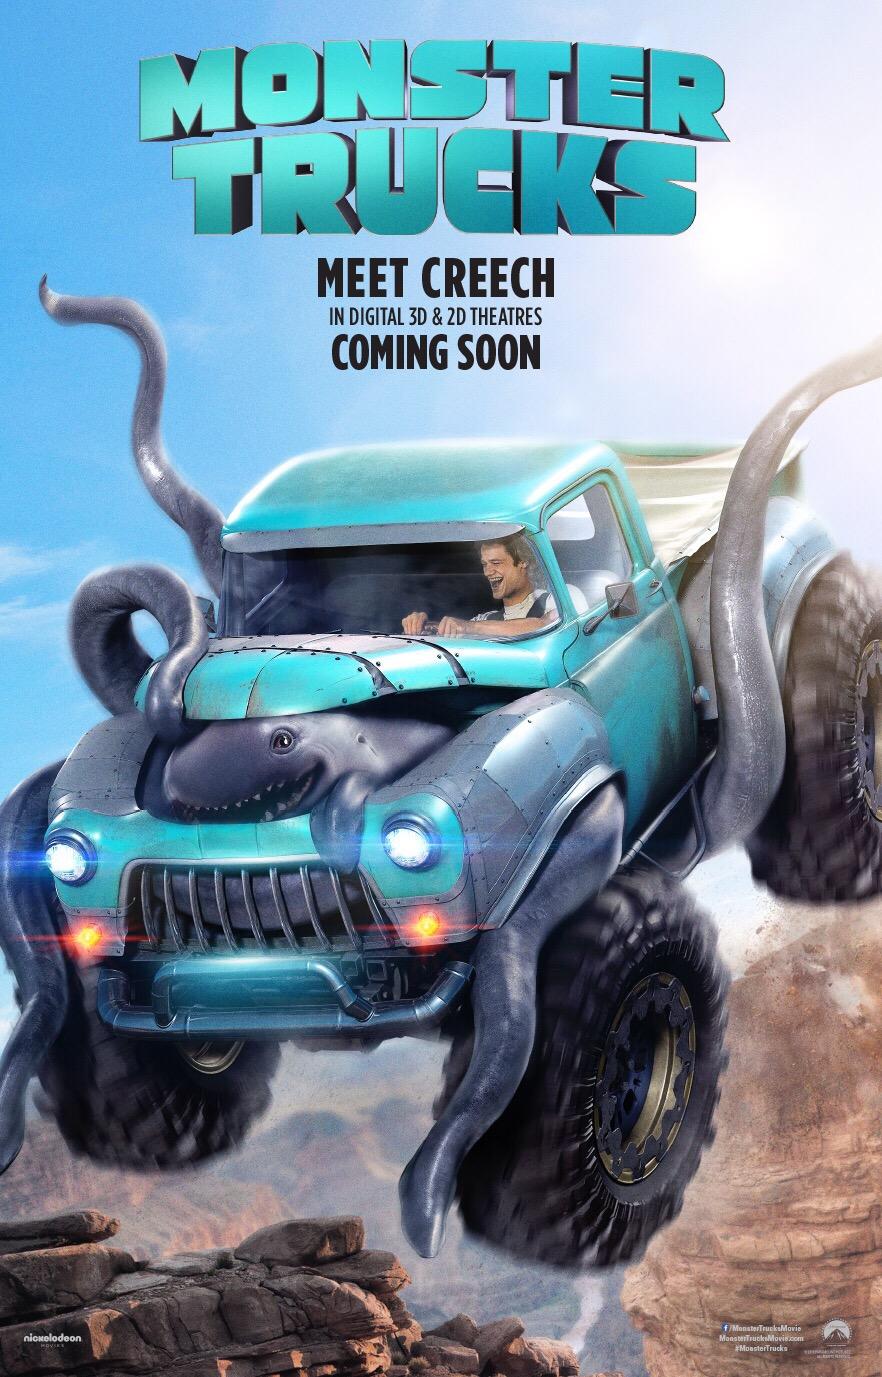 ผจญภัยสุดซิ่งไปกับ Monster Trucks บิ๊กฟุตตะลุยเต็มสปีด กุมภาพันธ์ ปีหน้า